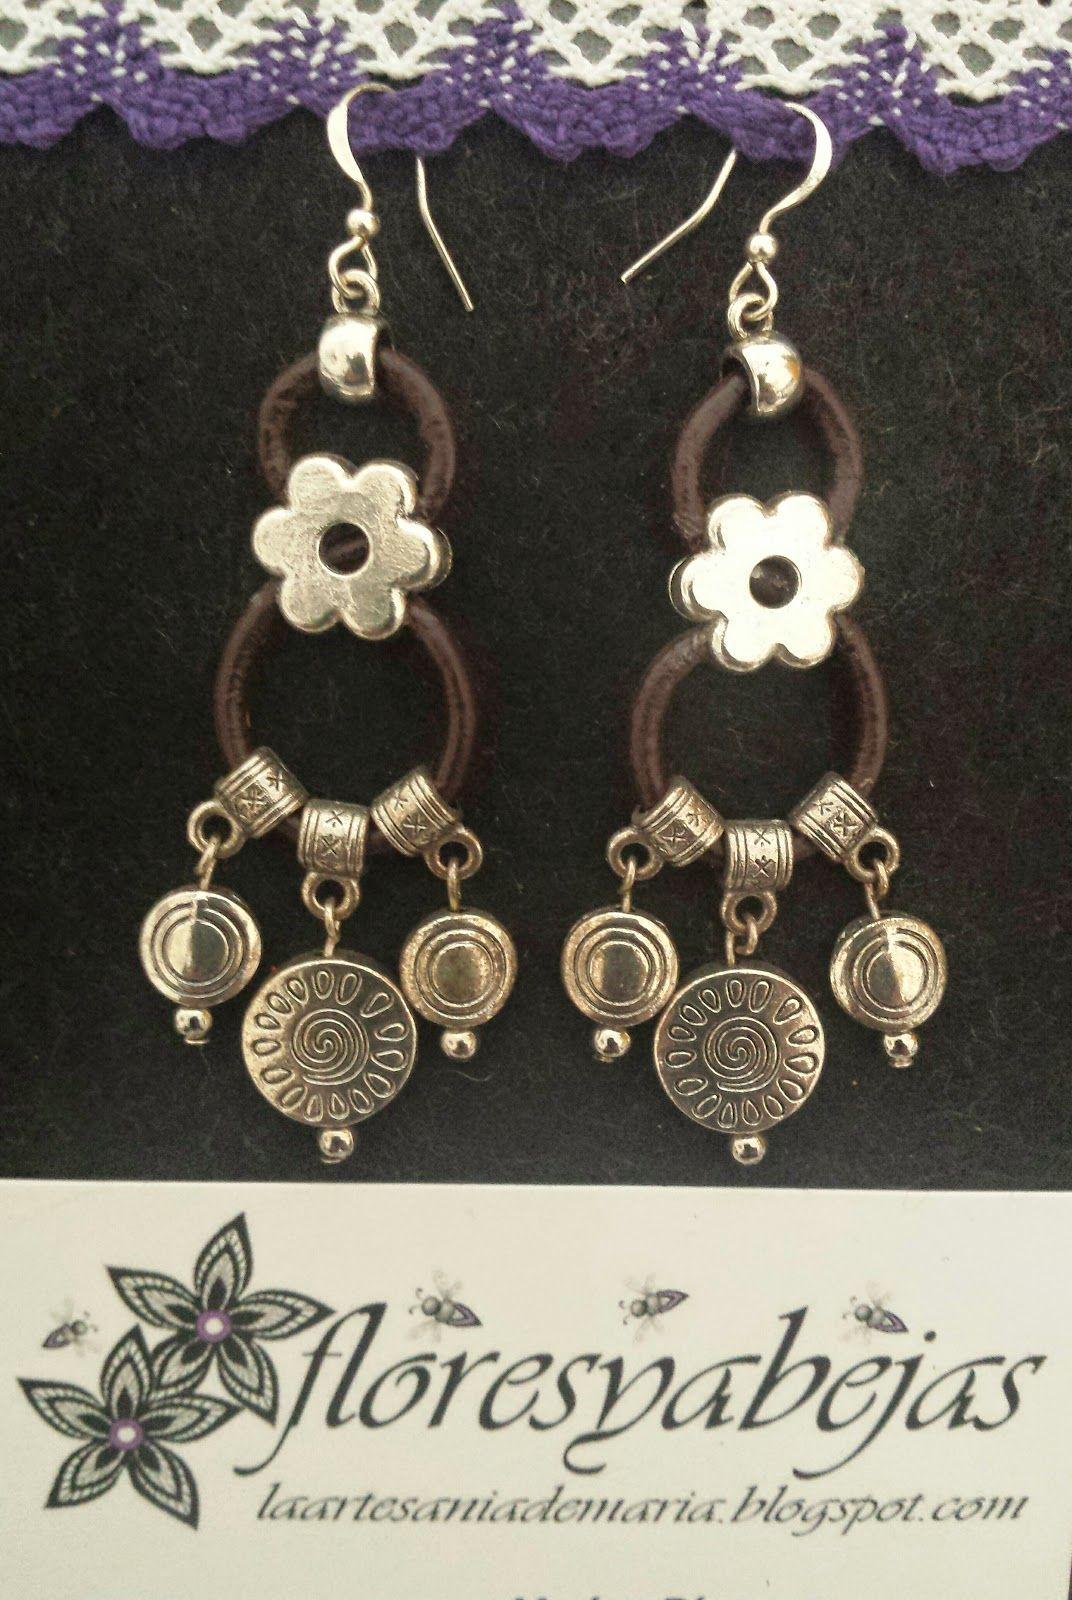 Floresyabejas : La artesania de Maria: Pendientes